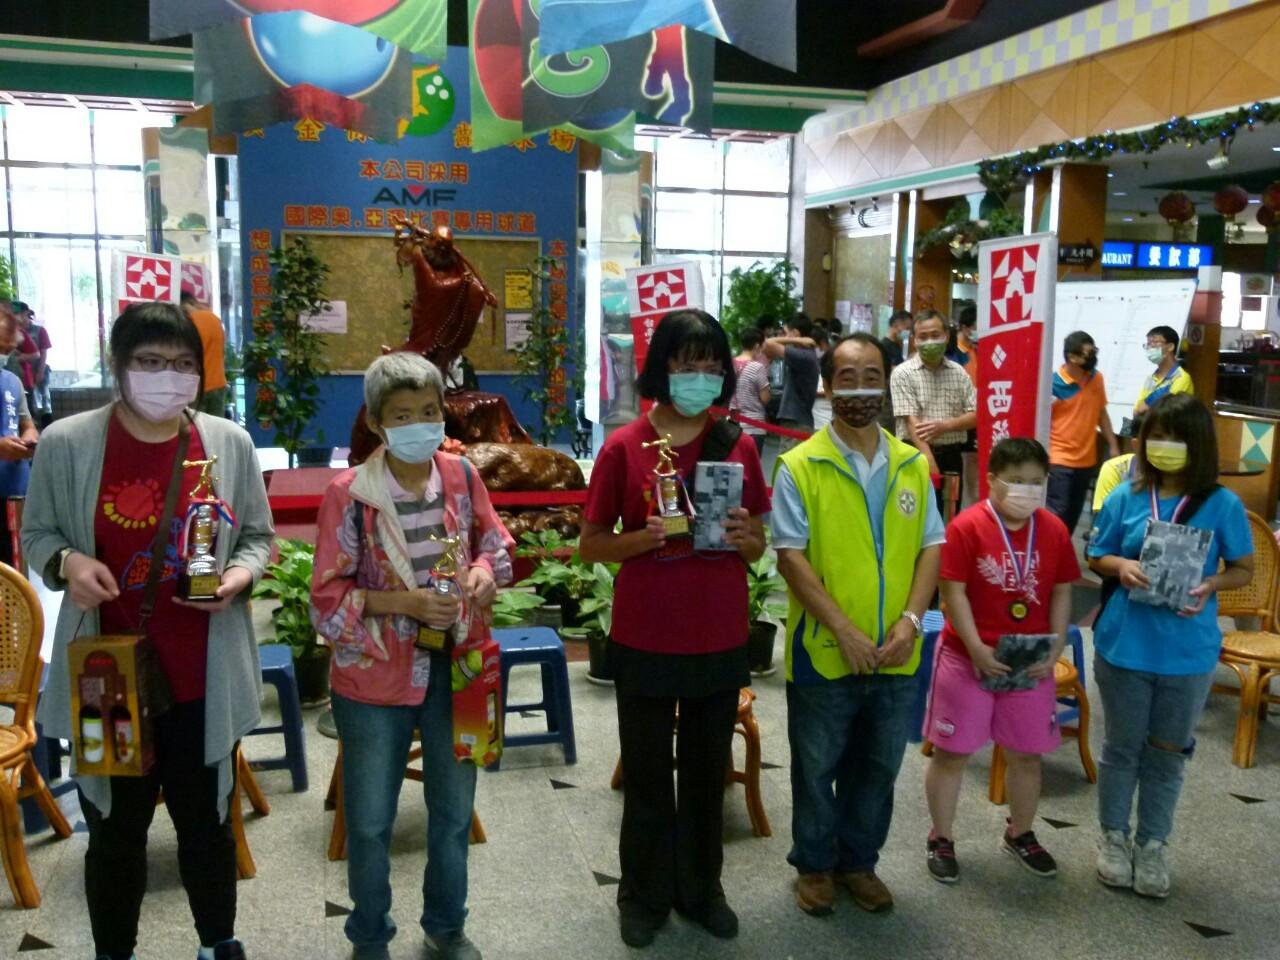 110年度公益活動臺南市西藥盃身心障礙者保齡球賽於黃金保齡球館舉行。_210830_35